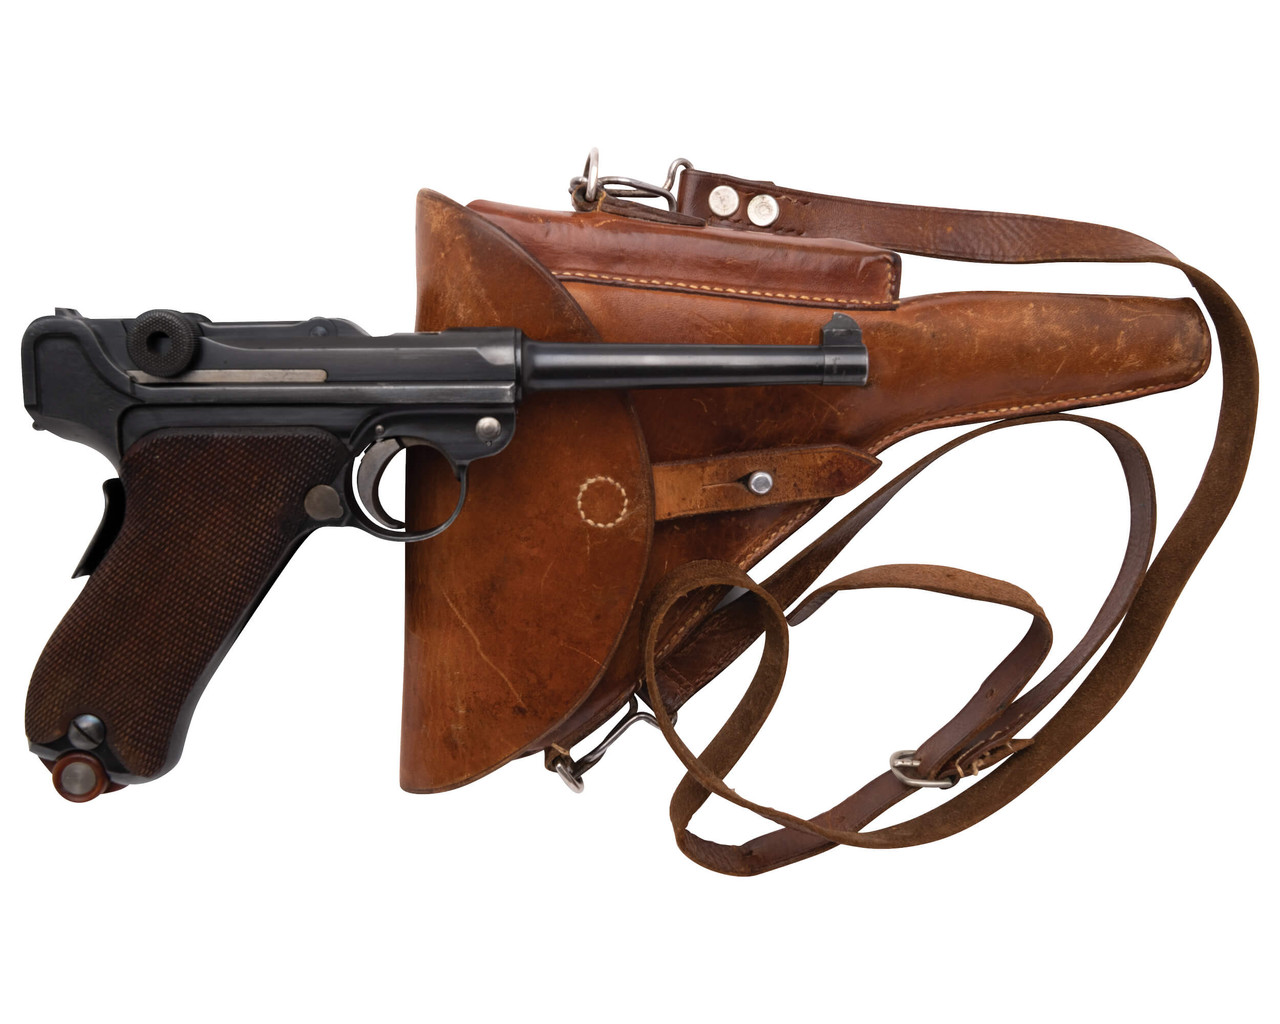 DWM Luger 1900/06 w/ Holster - sn 53xx